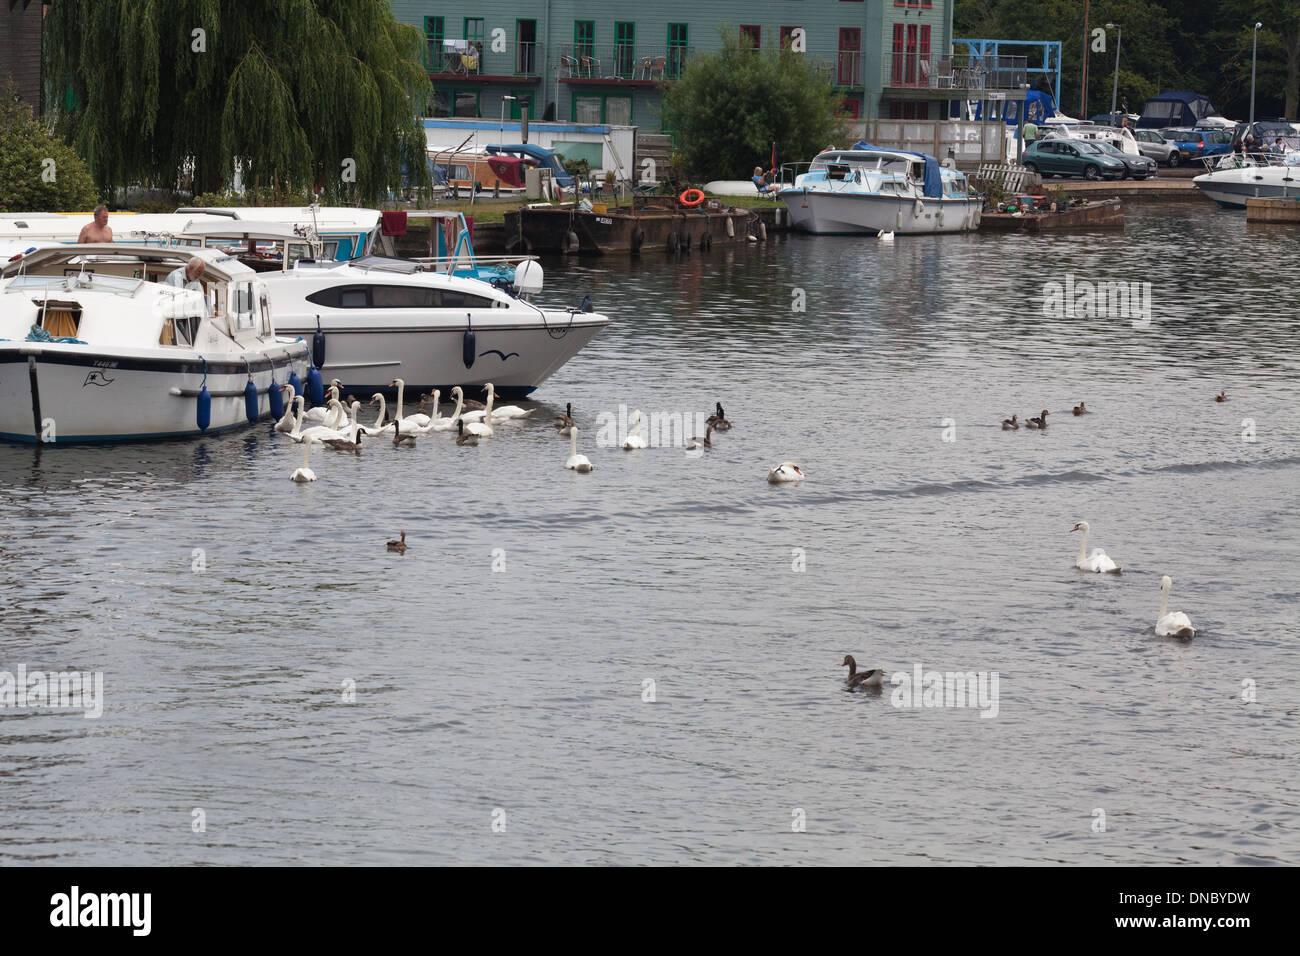 """Höckerschwäne (Cygnus Olor). Keine Zucht, ungepaarte Vögel, """"schlendern"""" rund um Urlaub Bootfahren, River Bure. Wroxham, Norfolk. Stockbild"""